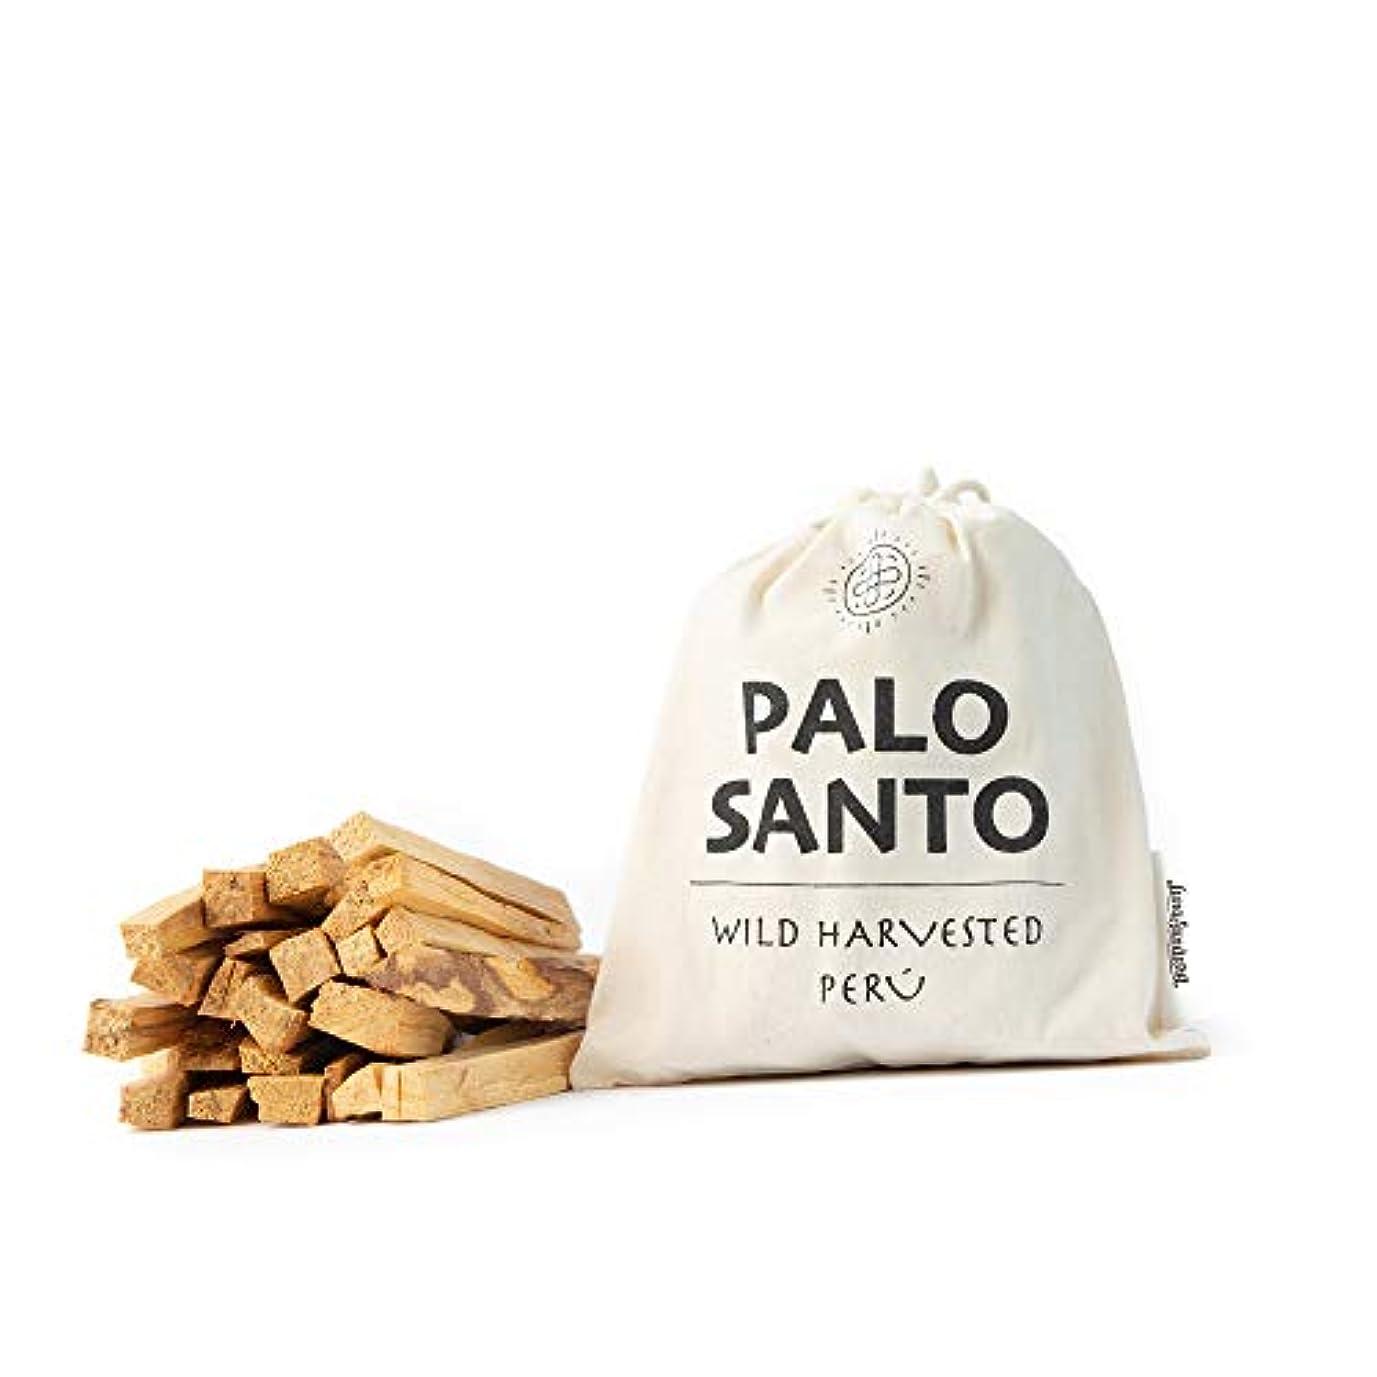 ぬれた制限する余暇Luna Sundara Palo Santo Smudging Sticks Peru Sustainably Harvested Quality Hand Picked - 100グラム(約18-25スティック)